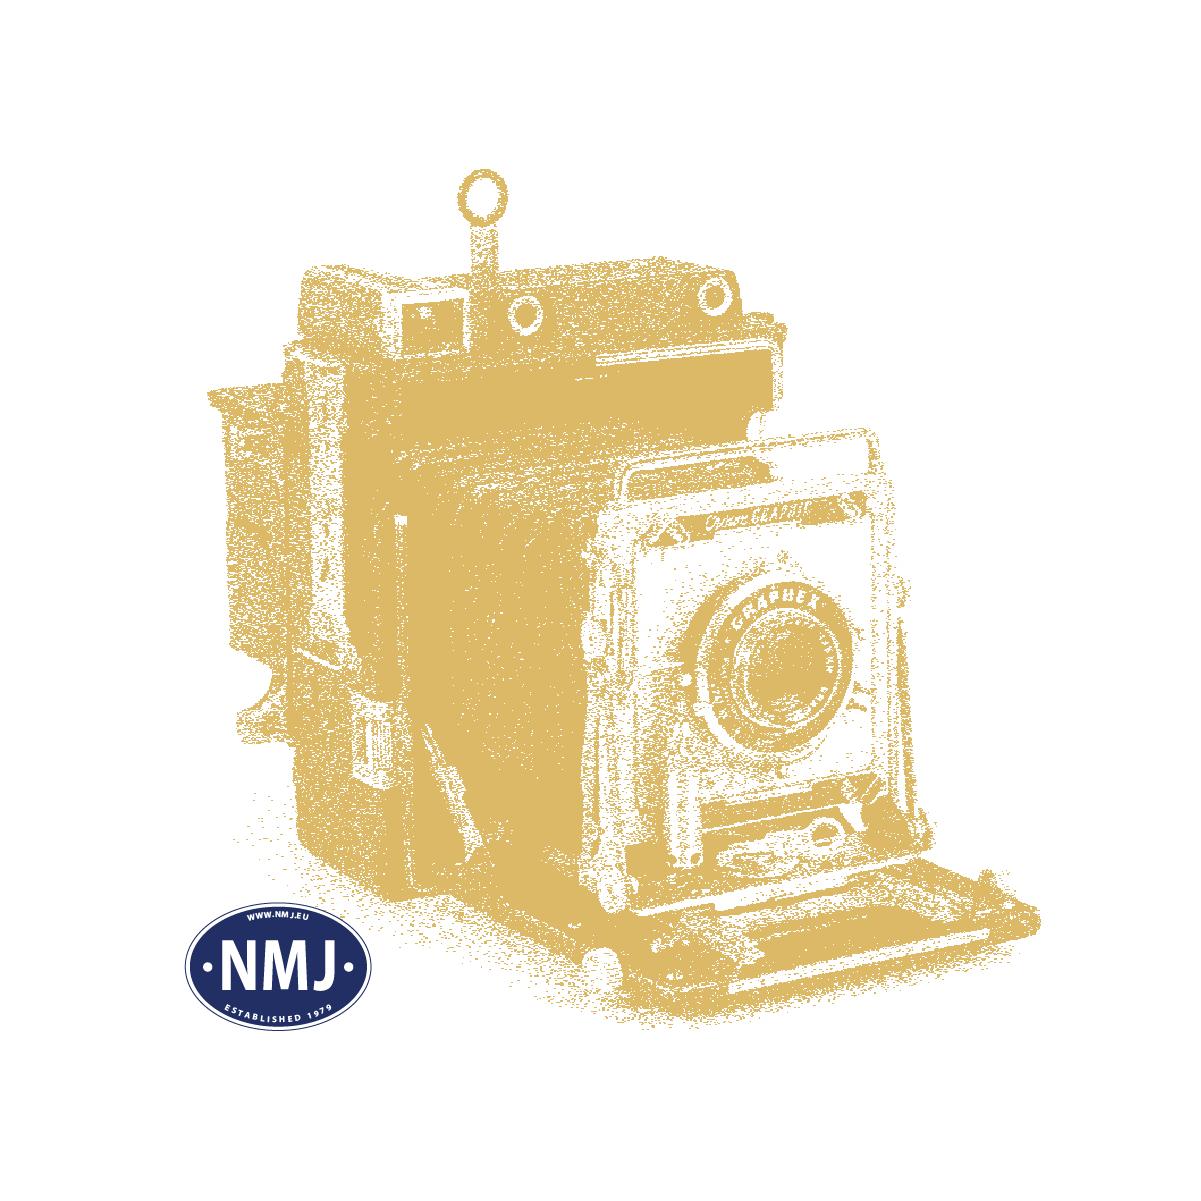 BRA3054 - Bananplugger, 2,5 mm, 10 Stk, Brun, Hann